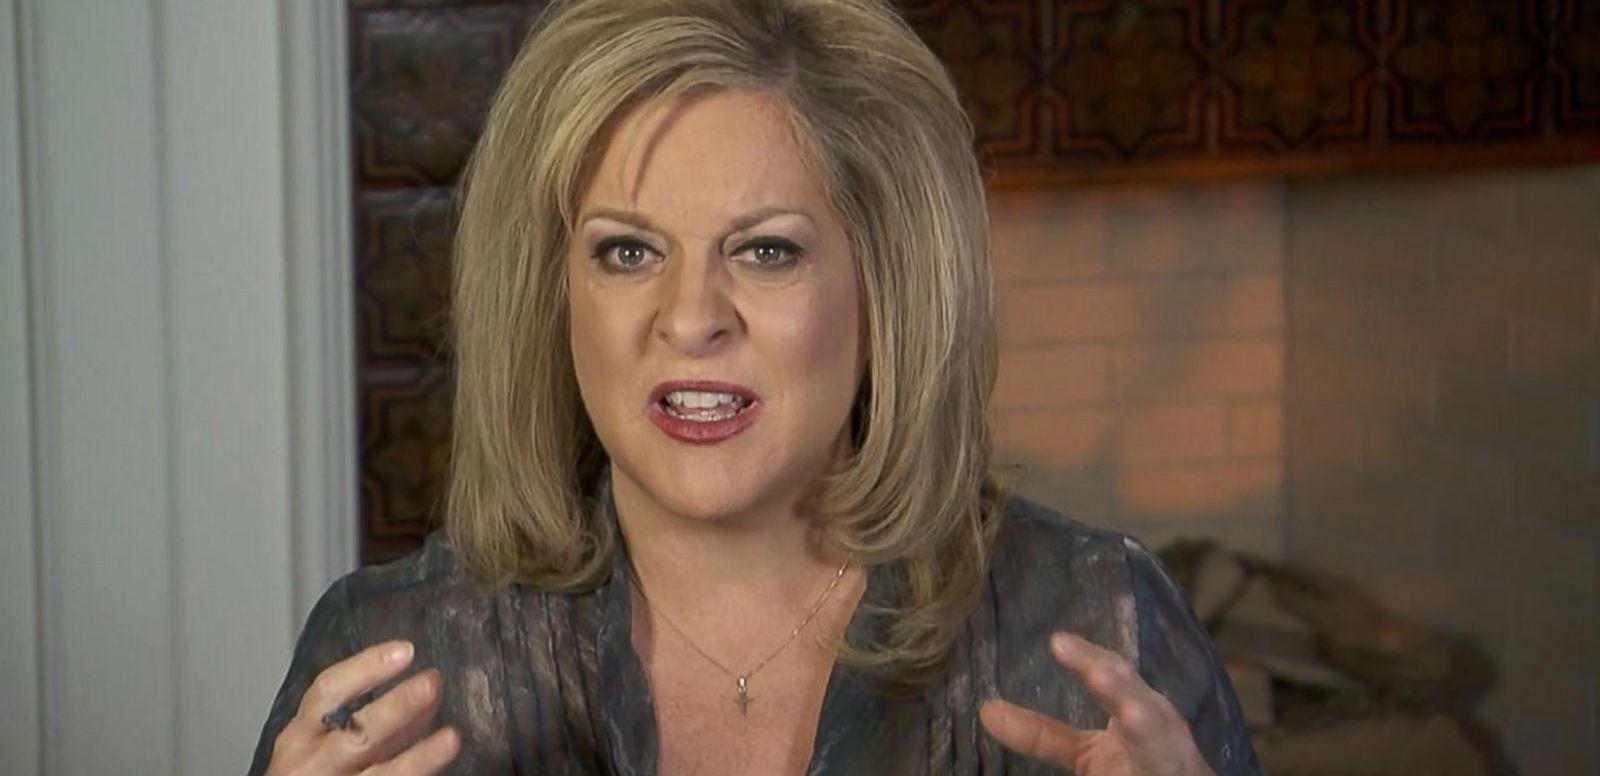 VIDEO: Nancy Grace Discusses Owen Labrie Trial Verdict